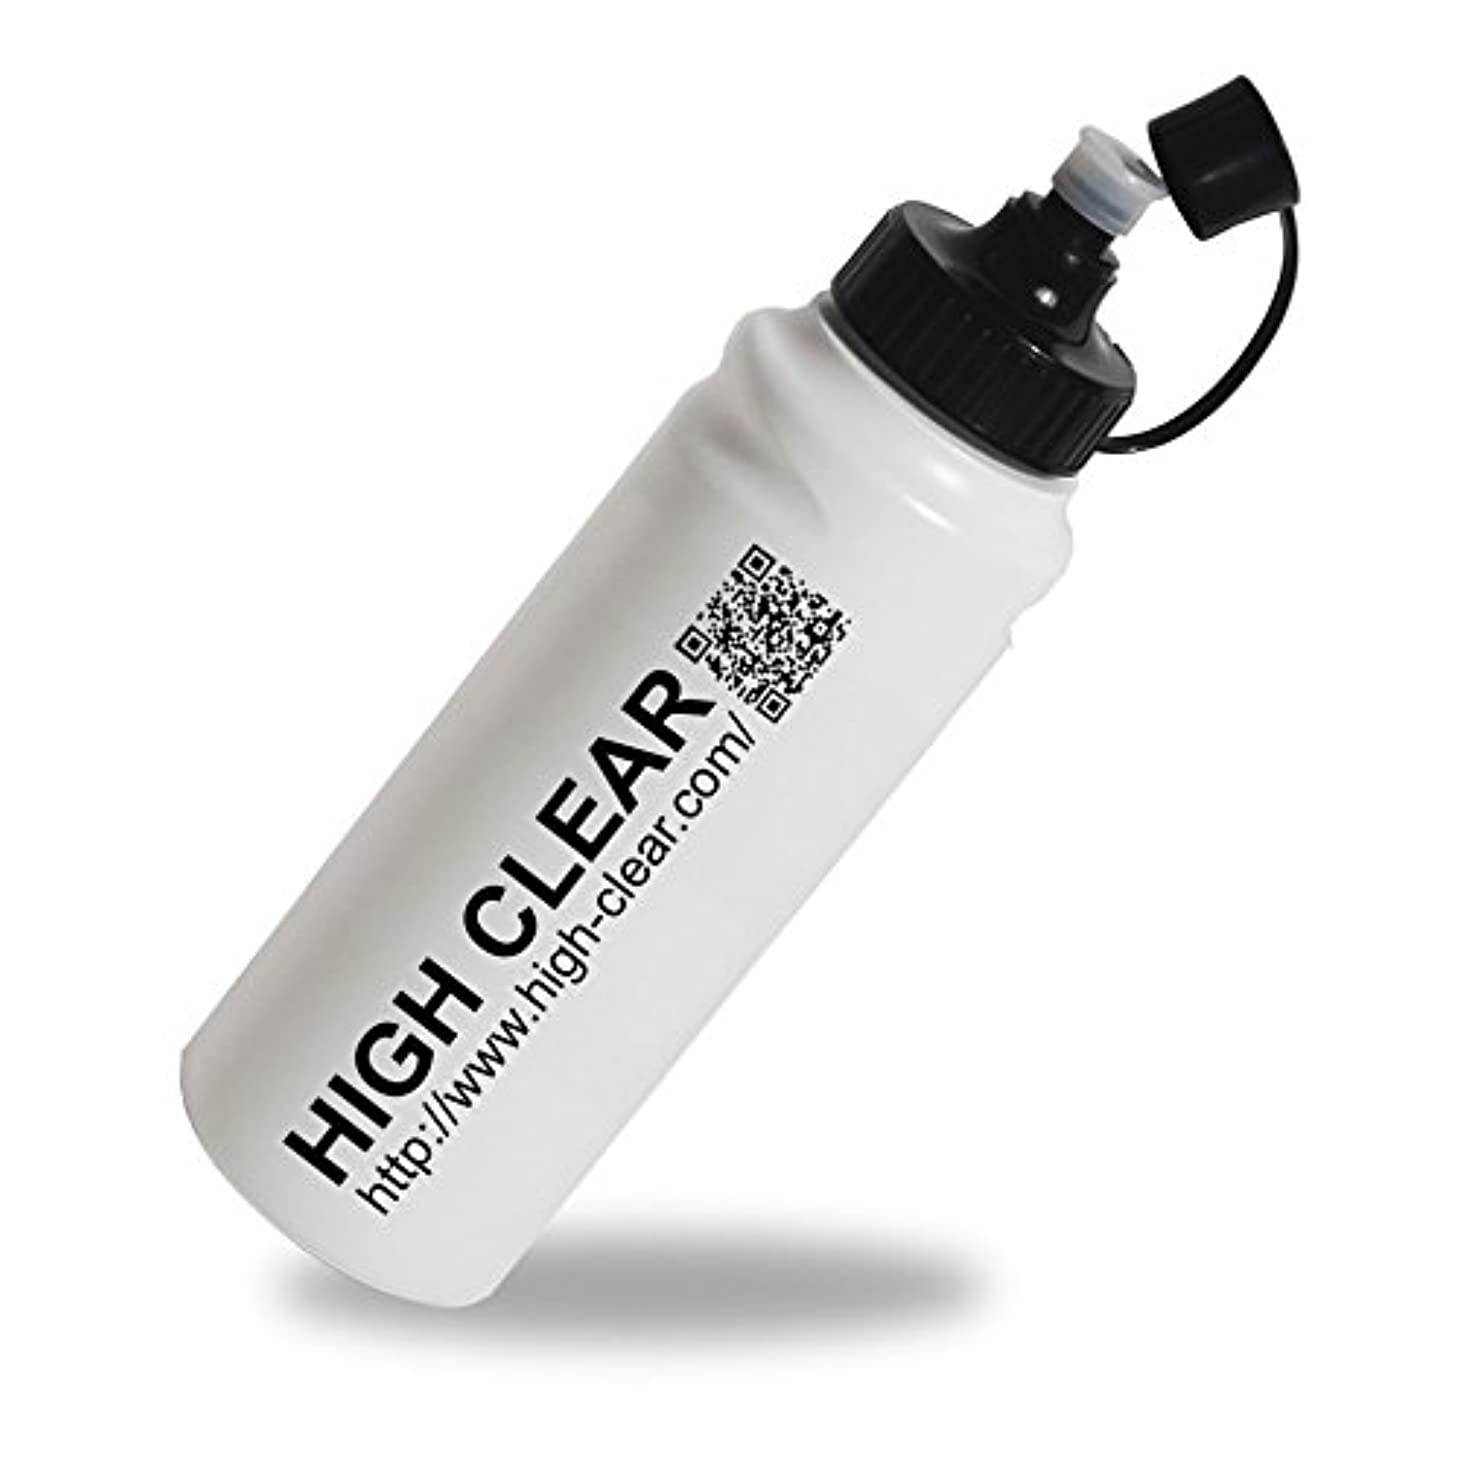 図書館常習的現代HIGH CLEAR(ハイクリアー)ウォーターボトル1000ml